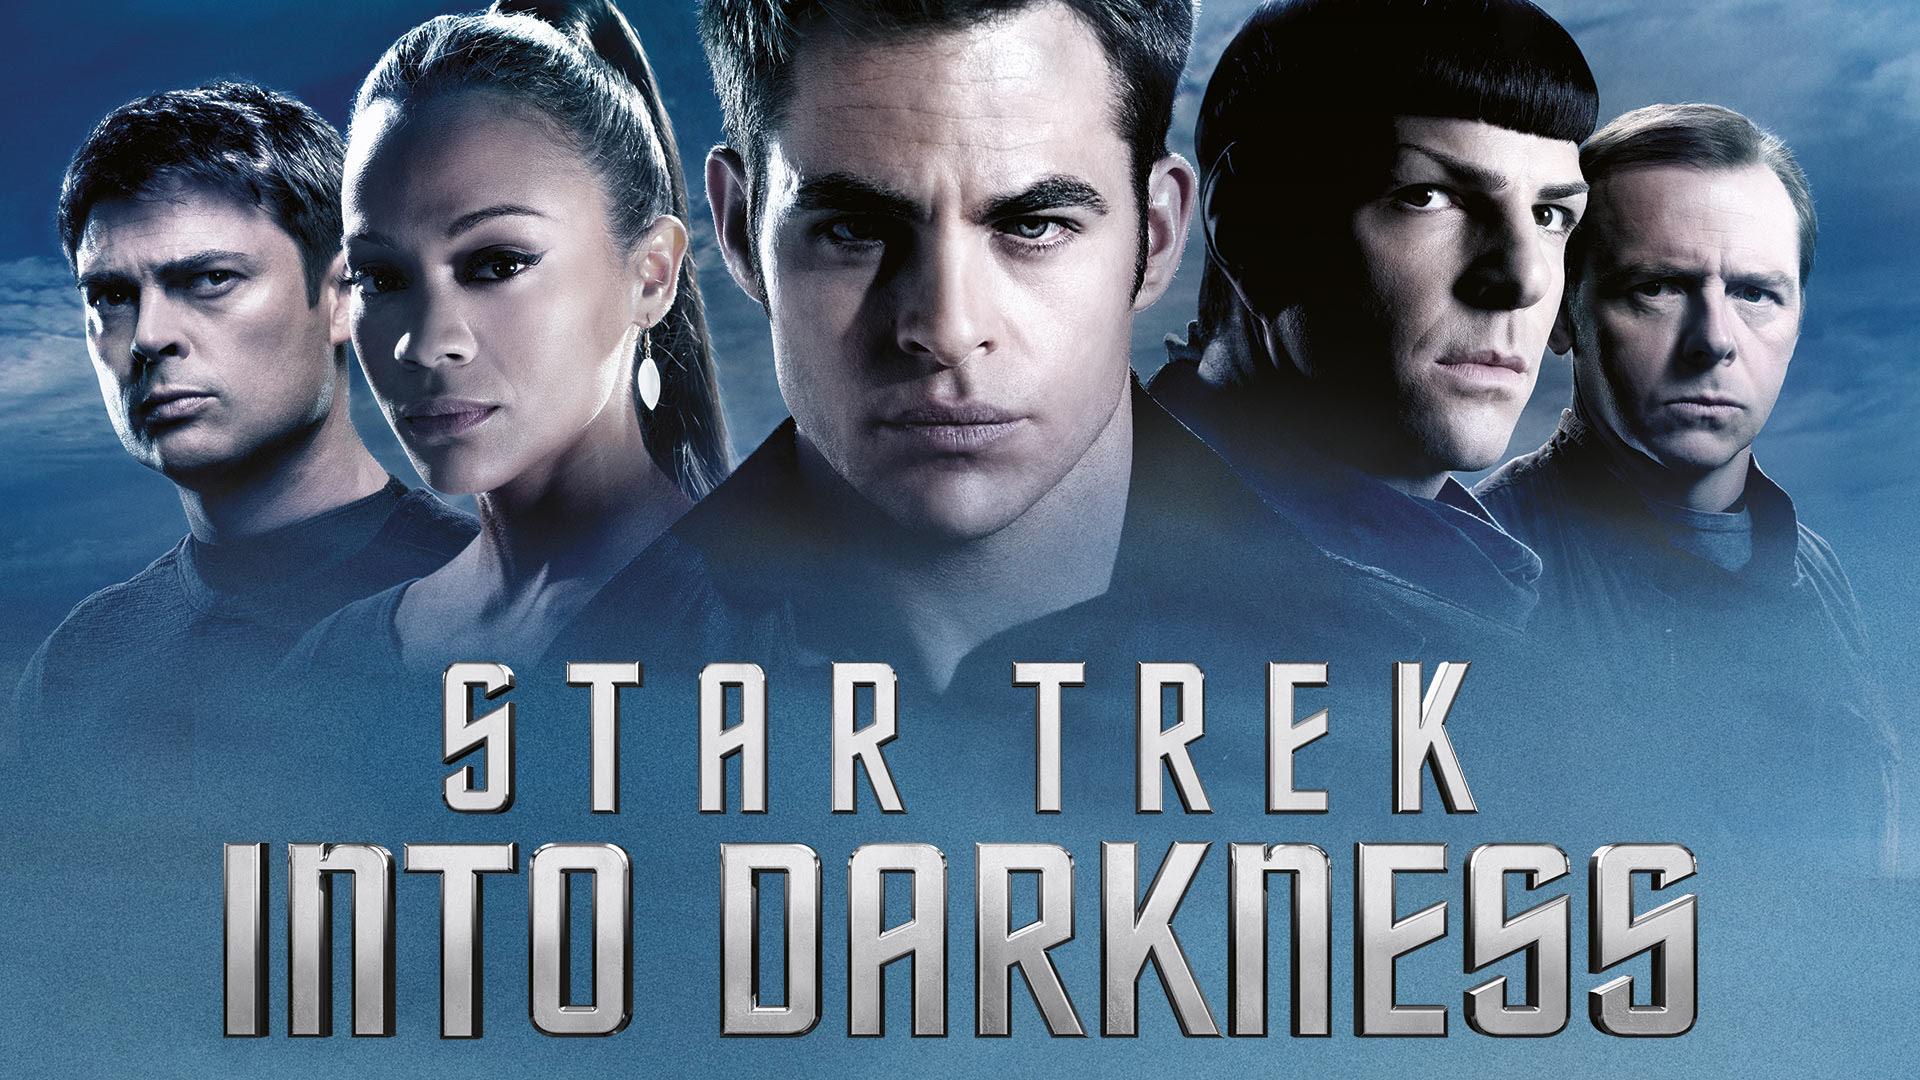 Star Trek Into Darkness Wallpaper 5